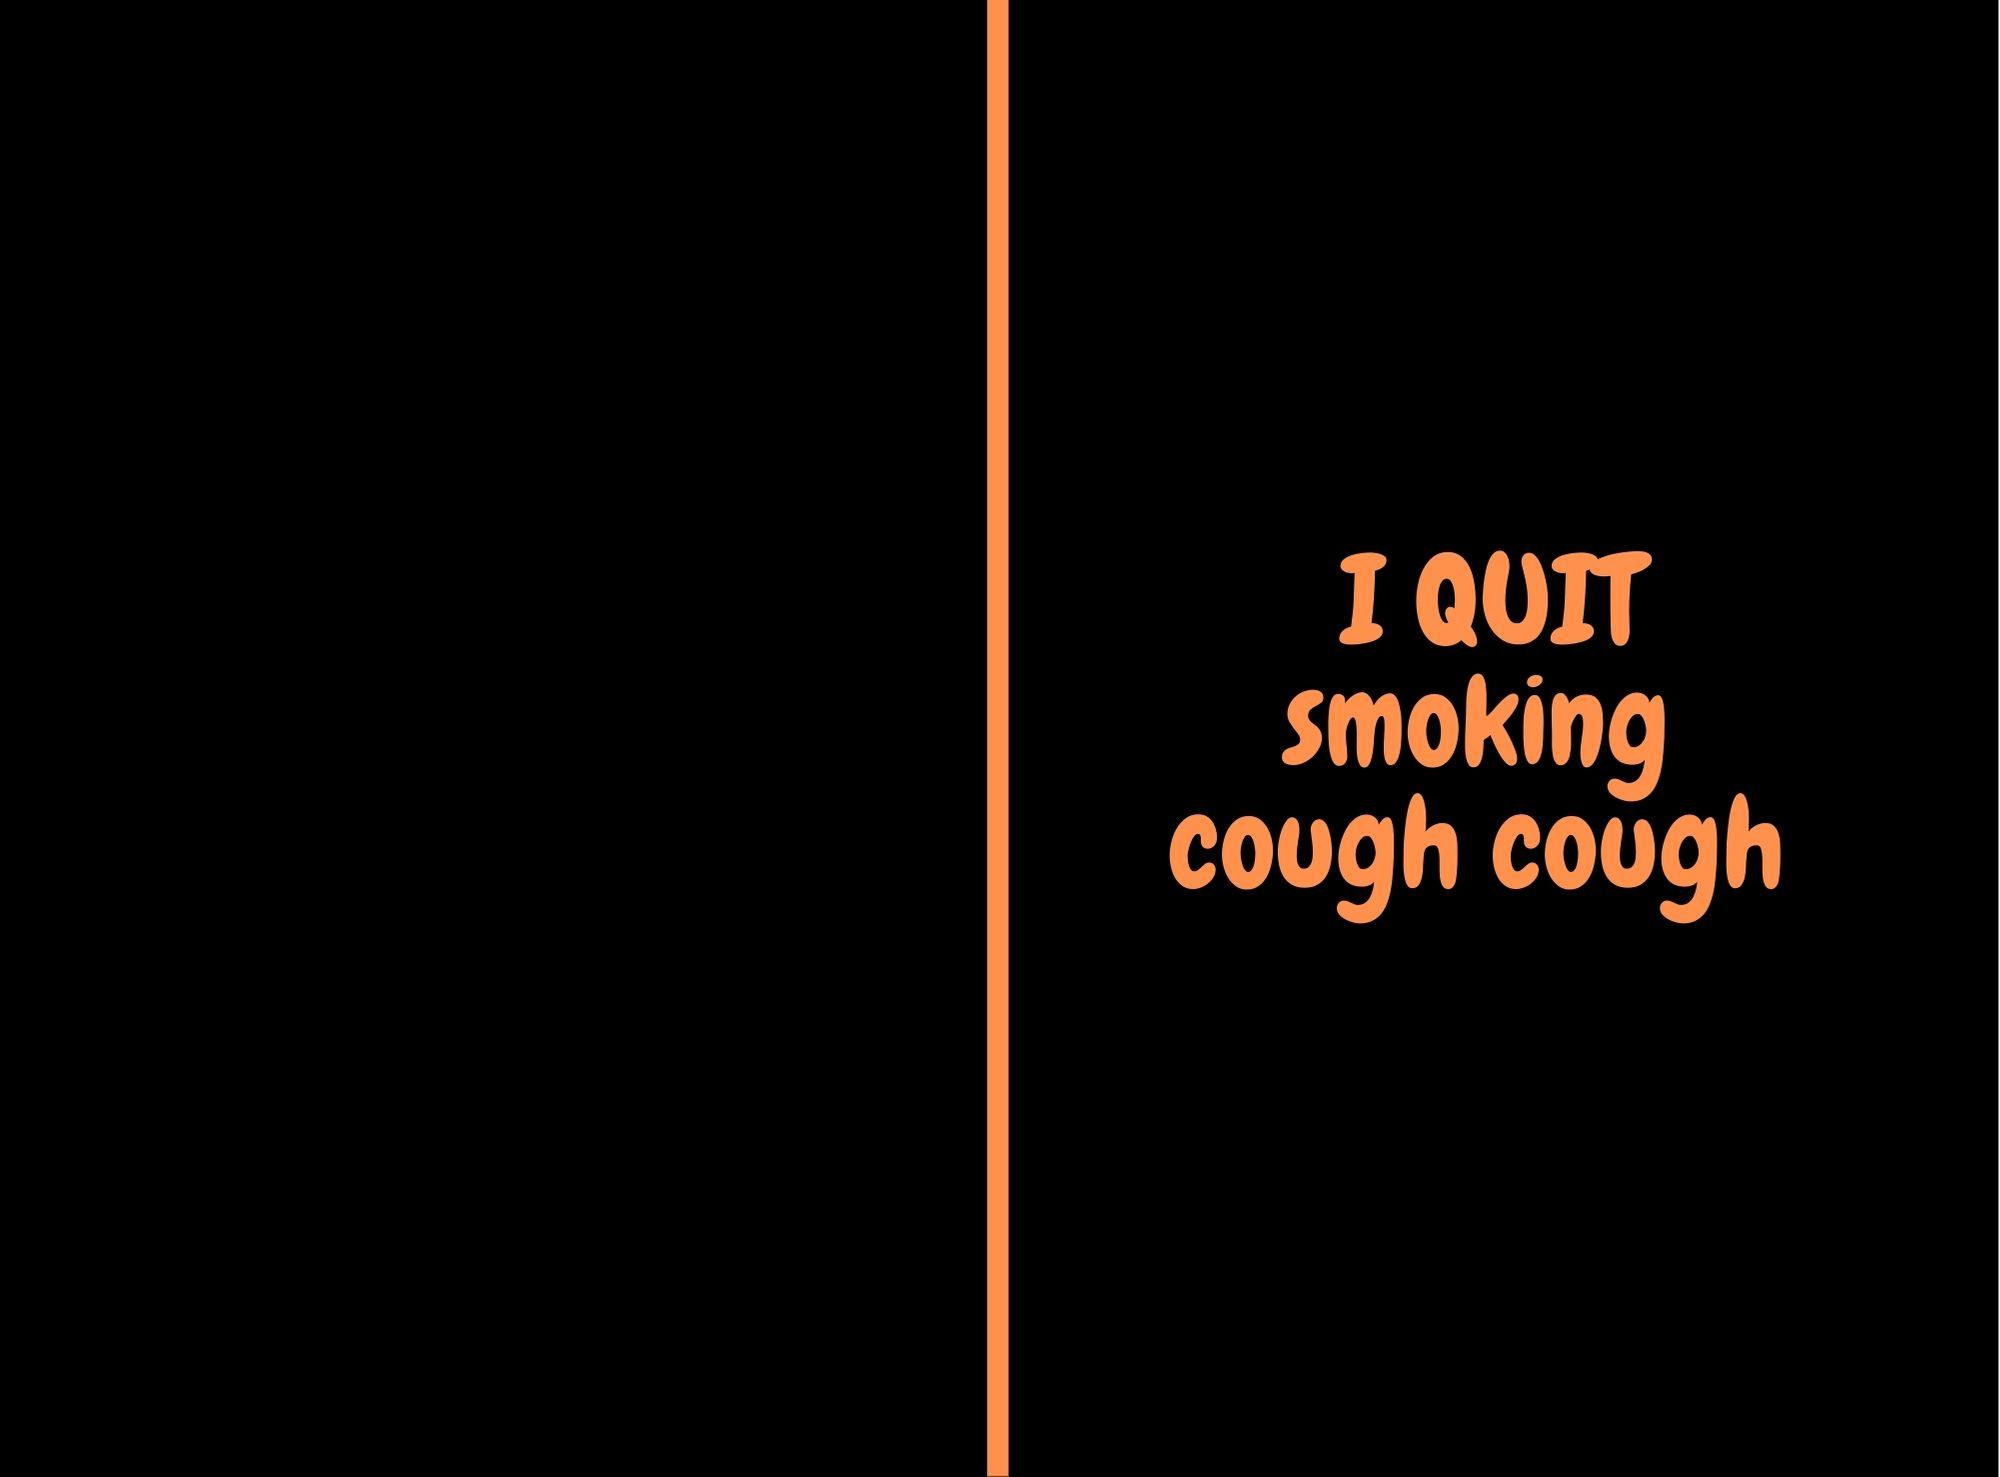 smokling